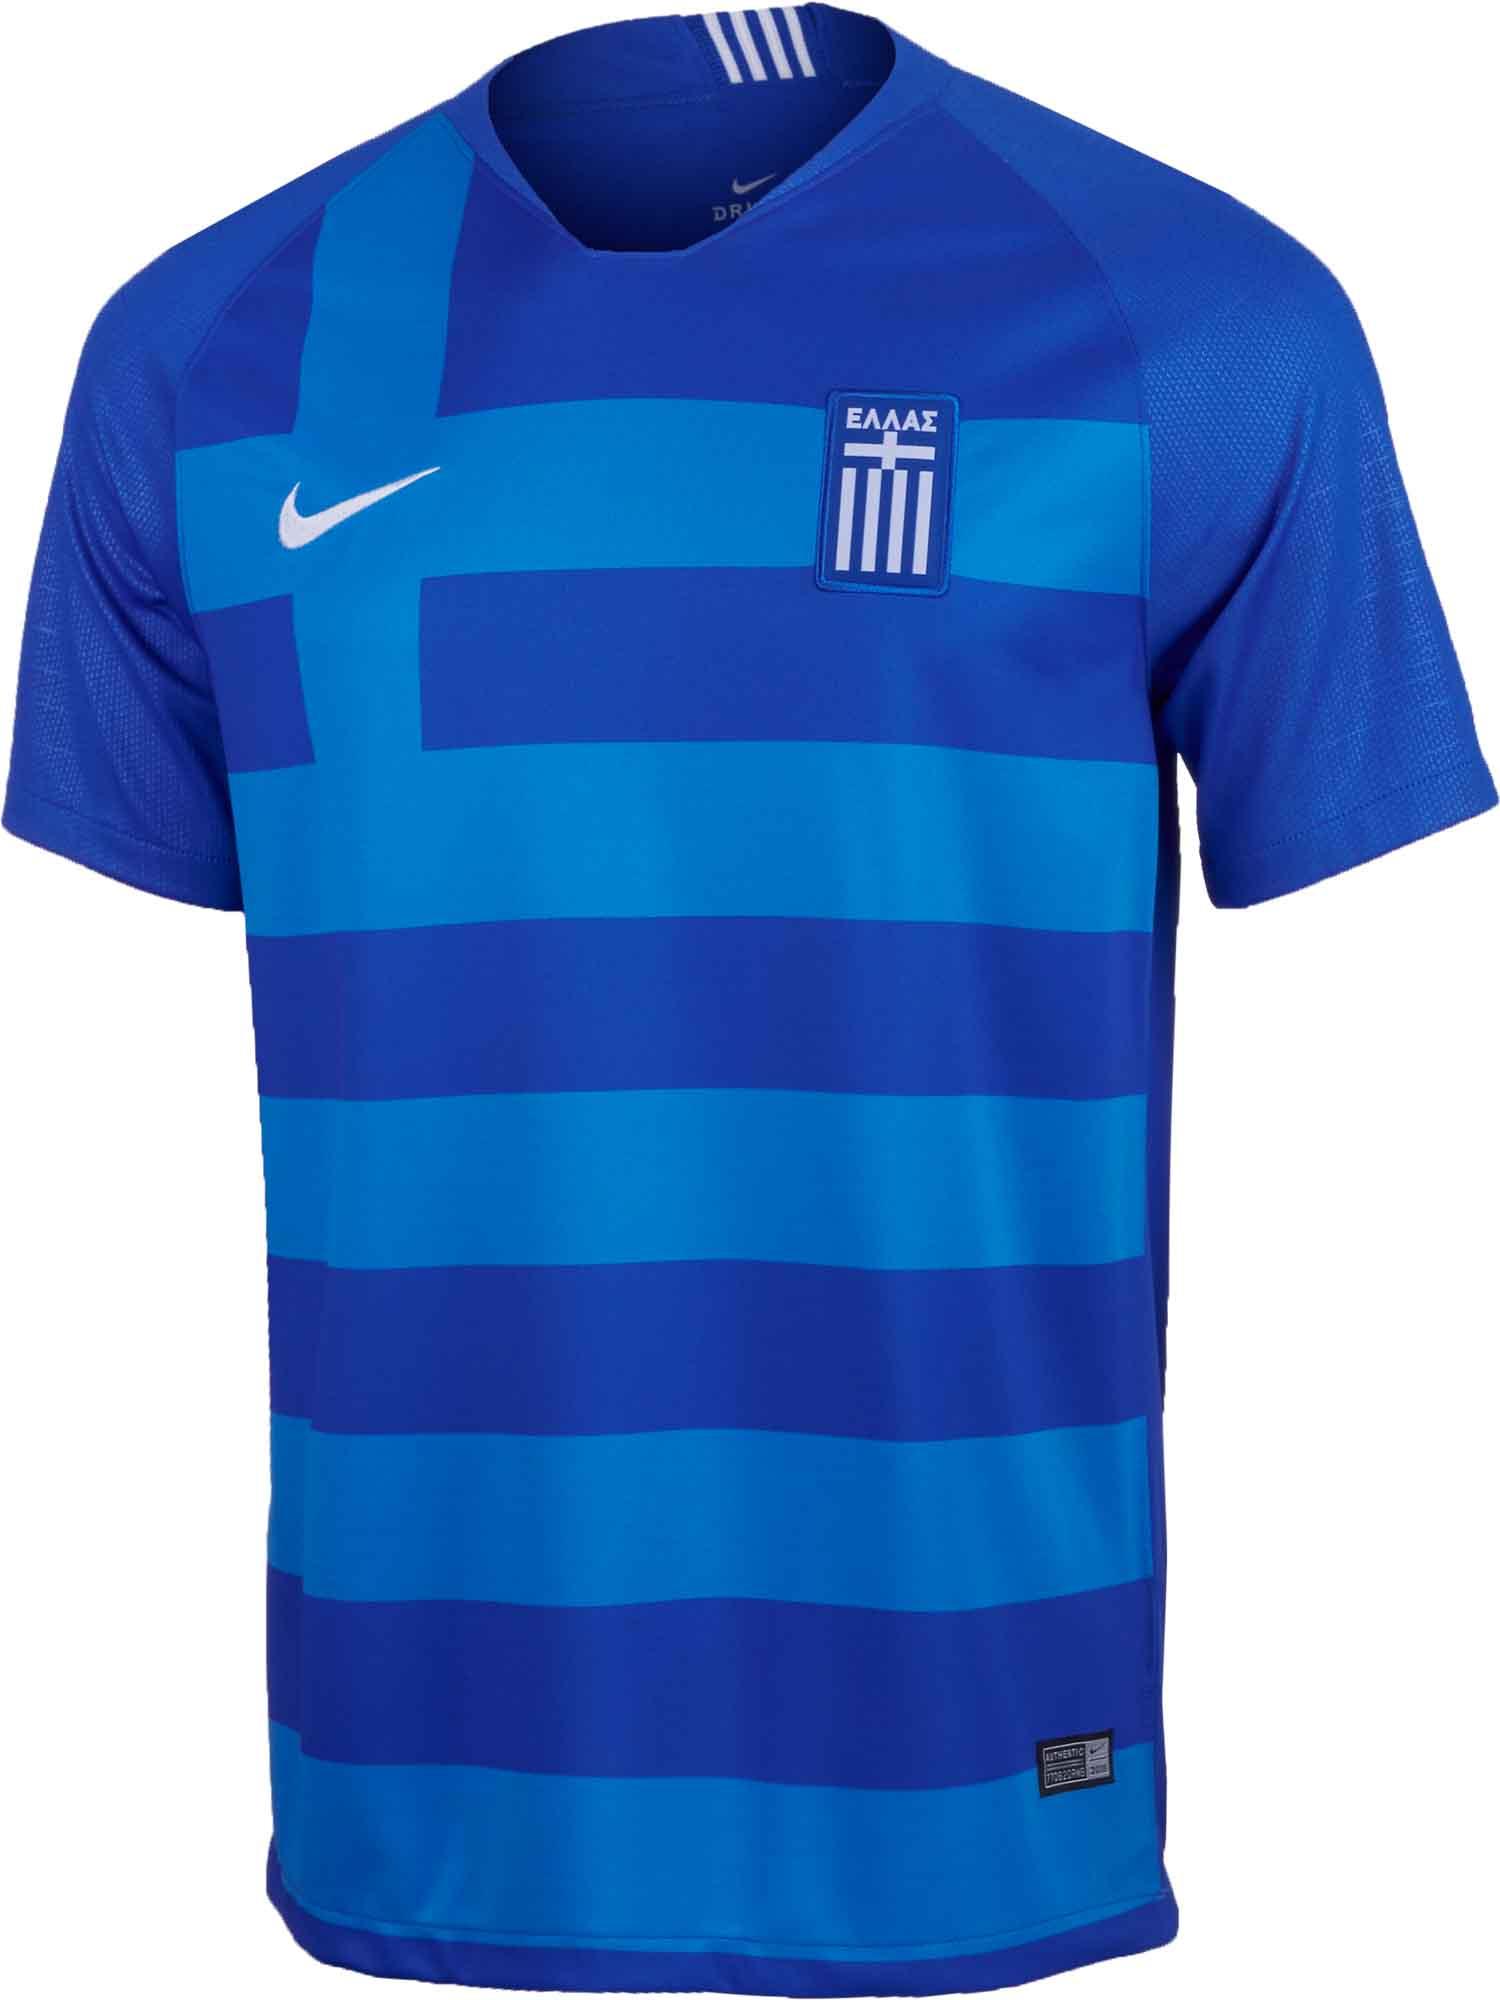 Nike Greece Away Jersey 2018-19 - SoccerPro